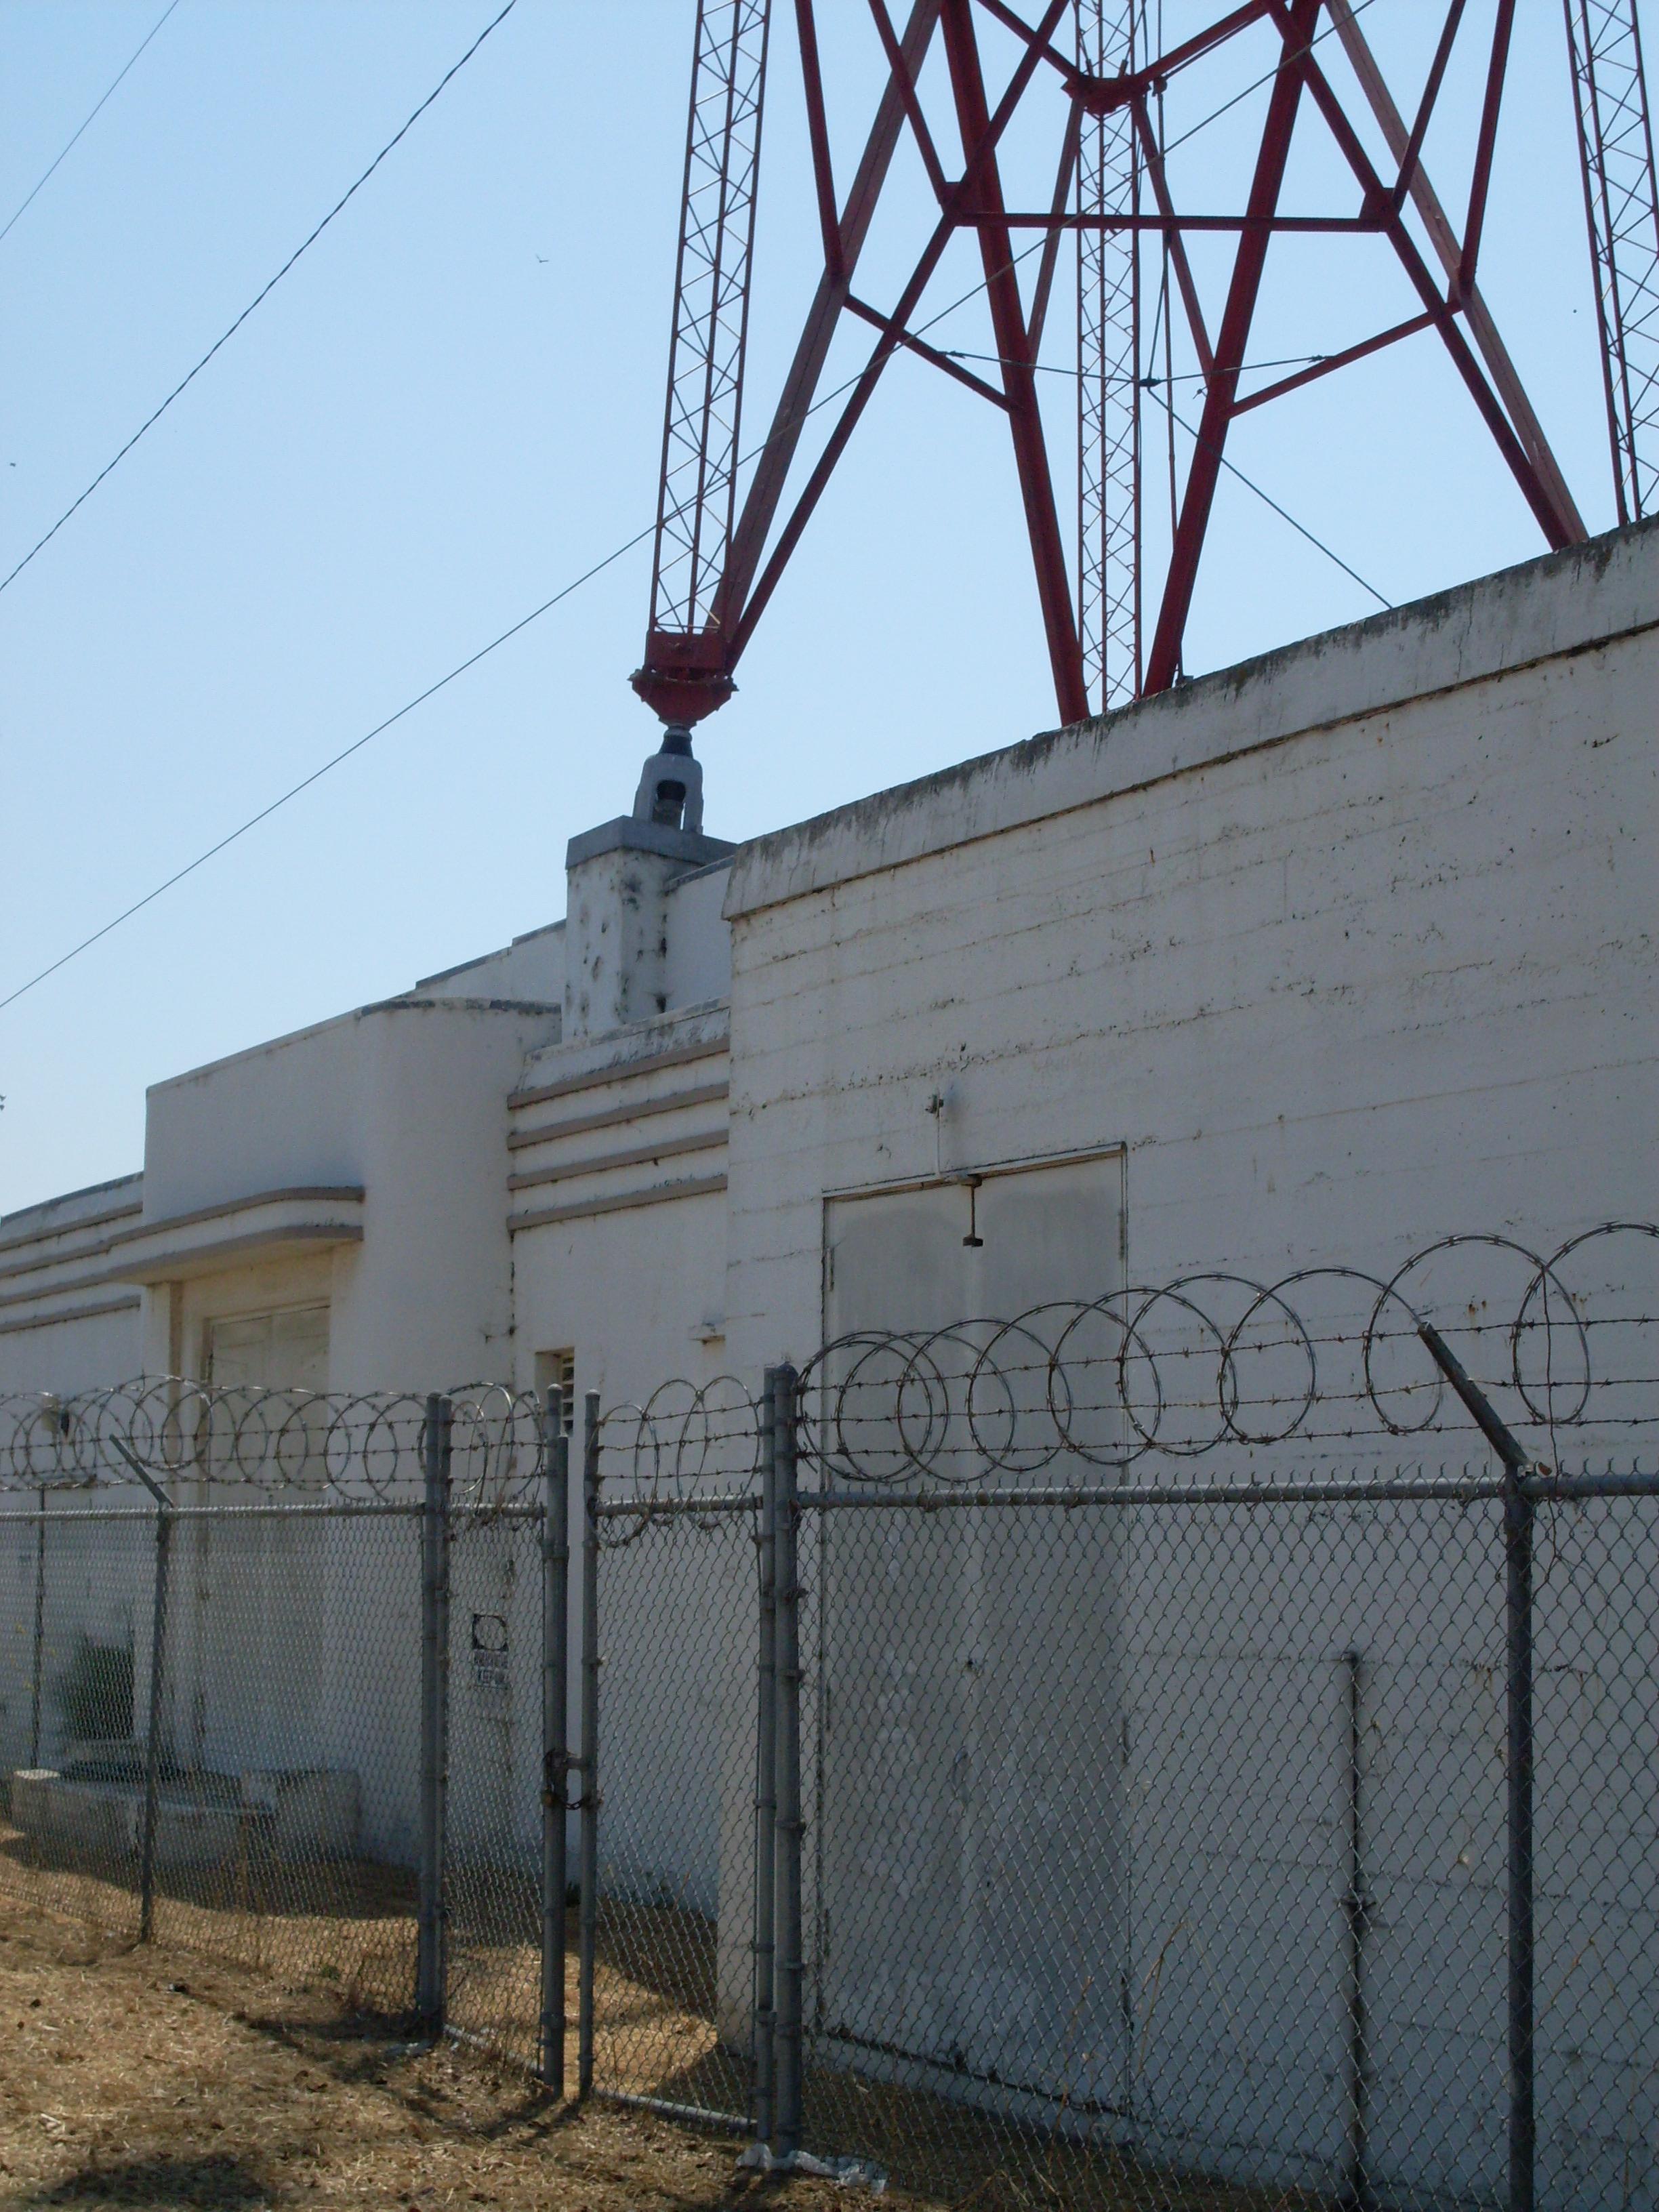 KSFO Transmitter Building